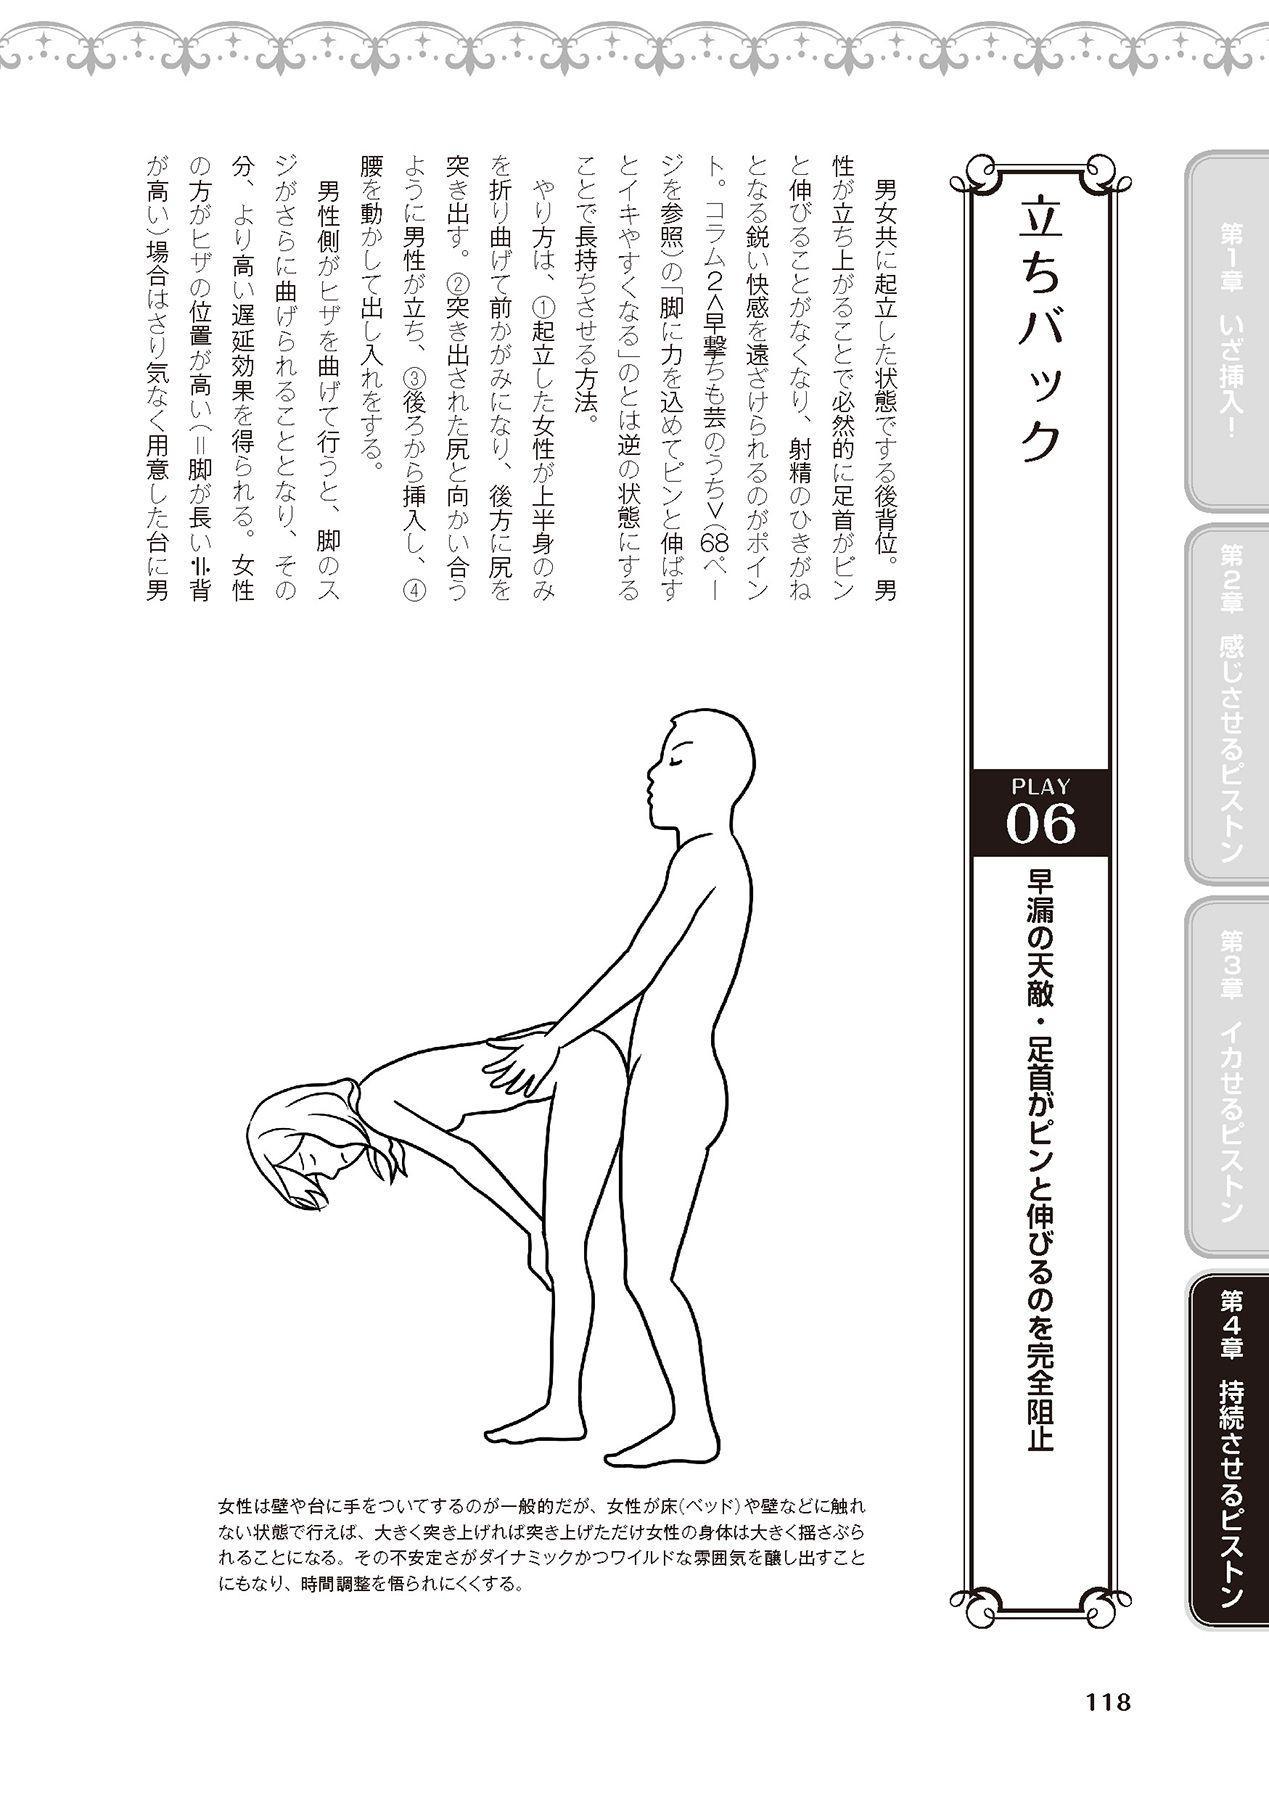 膣挿入&ピストン運動完全マニュアル イラスト版……ピスとんッ! 119